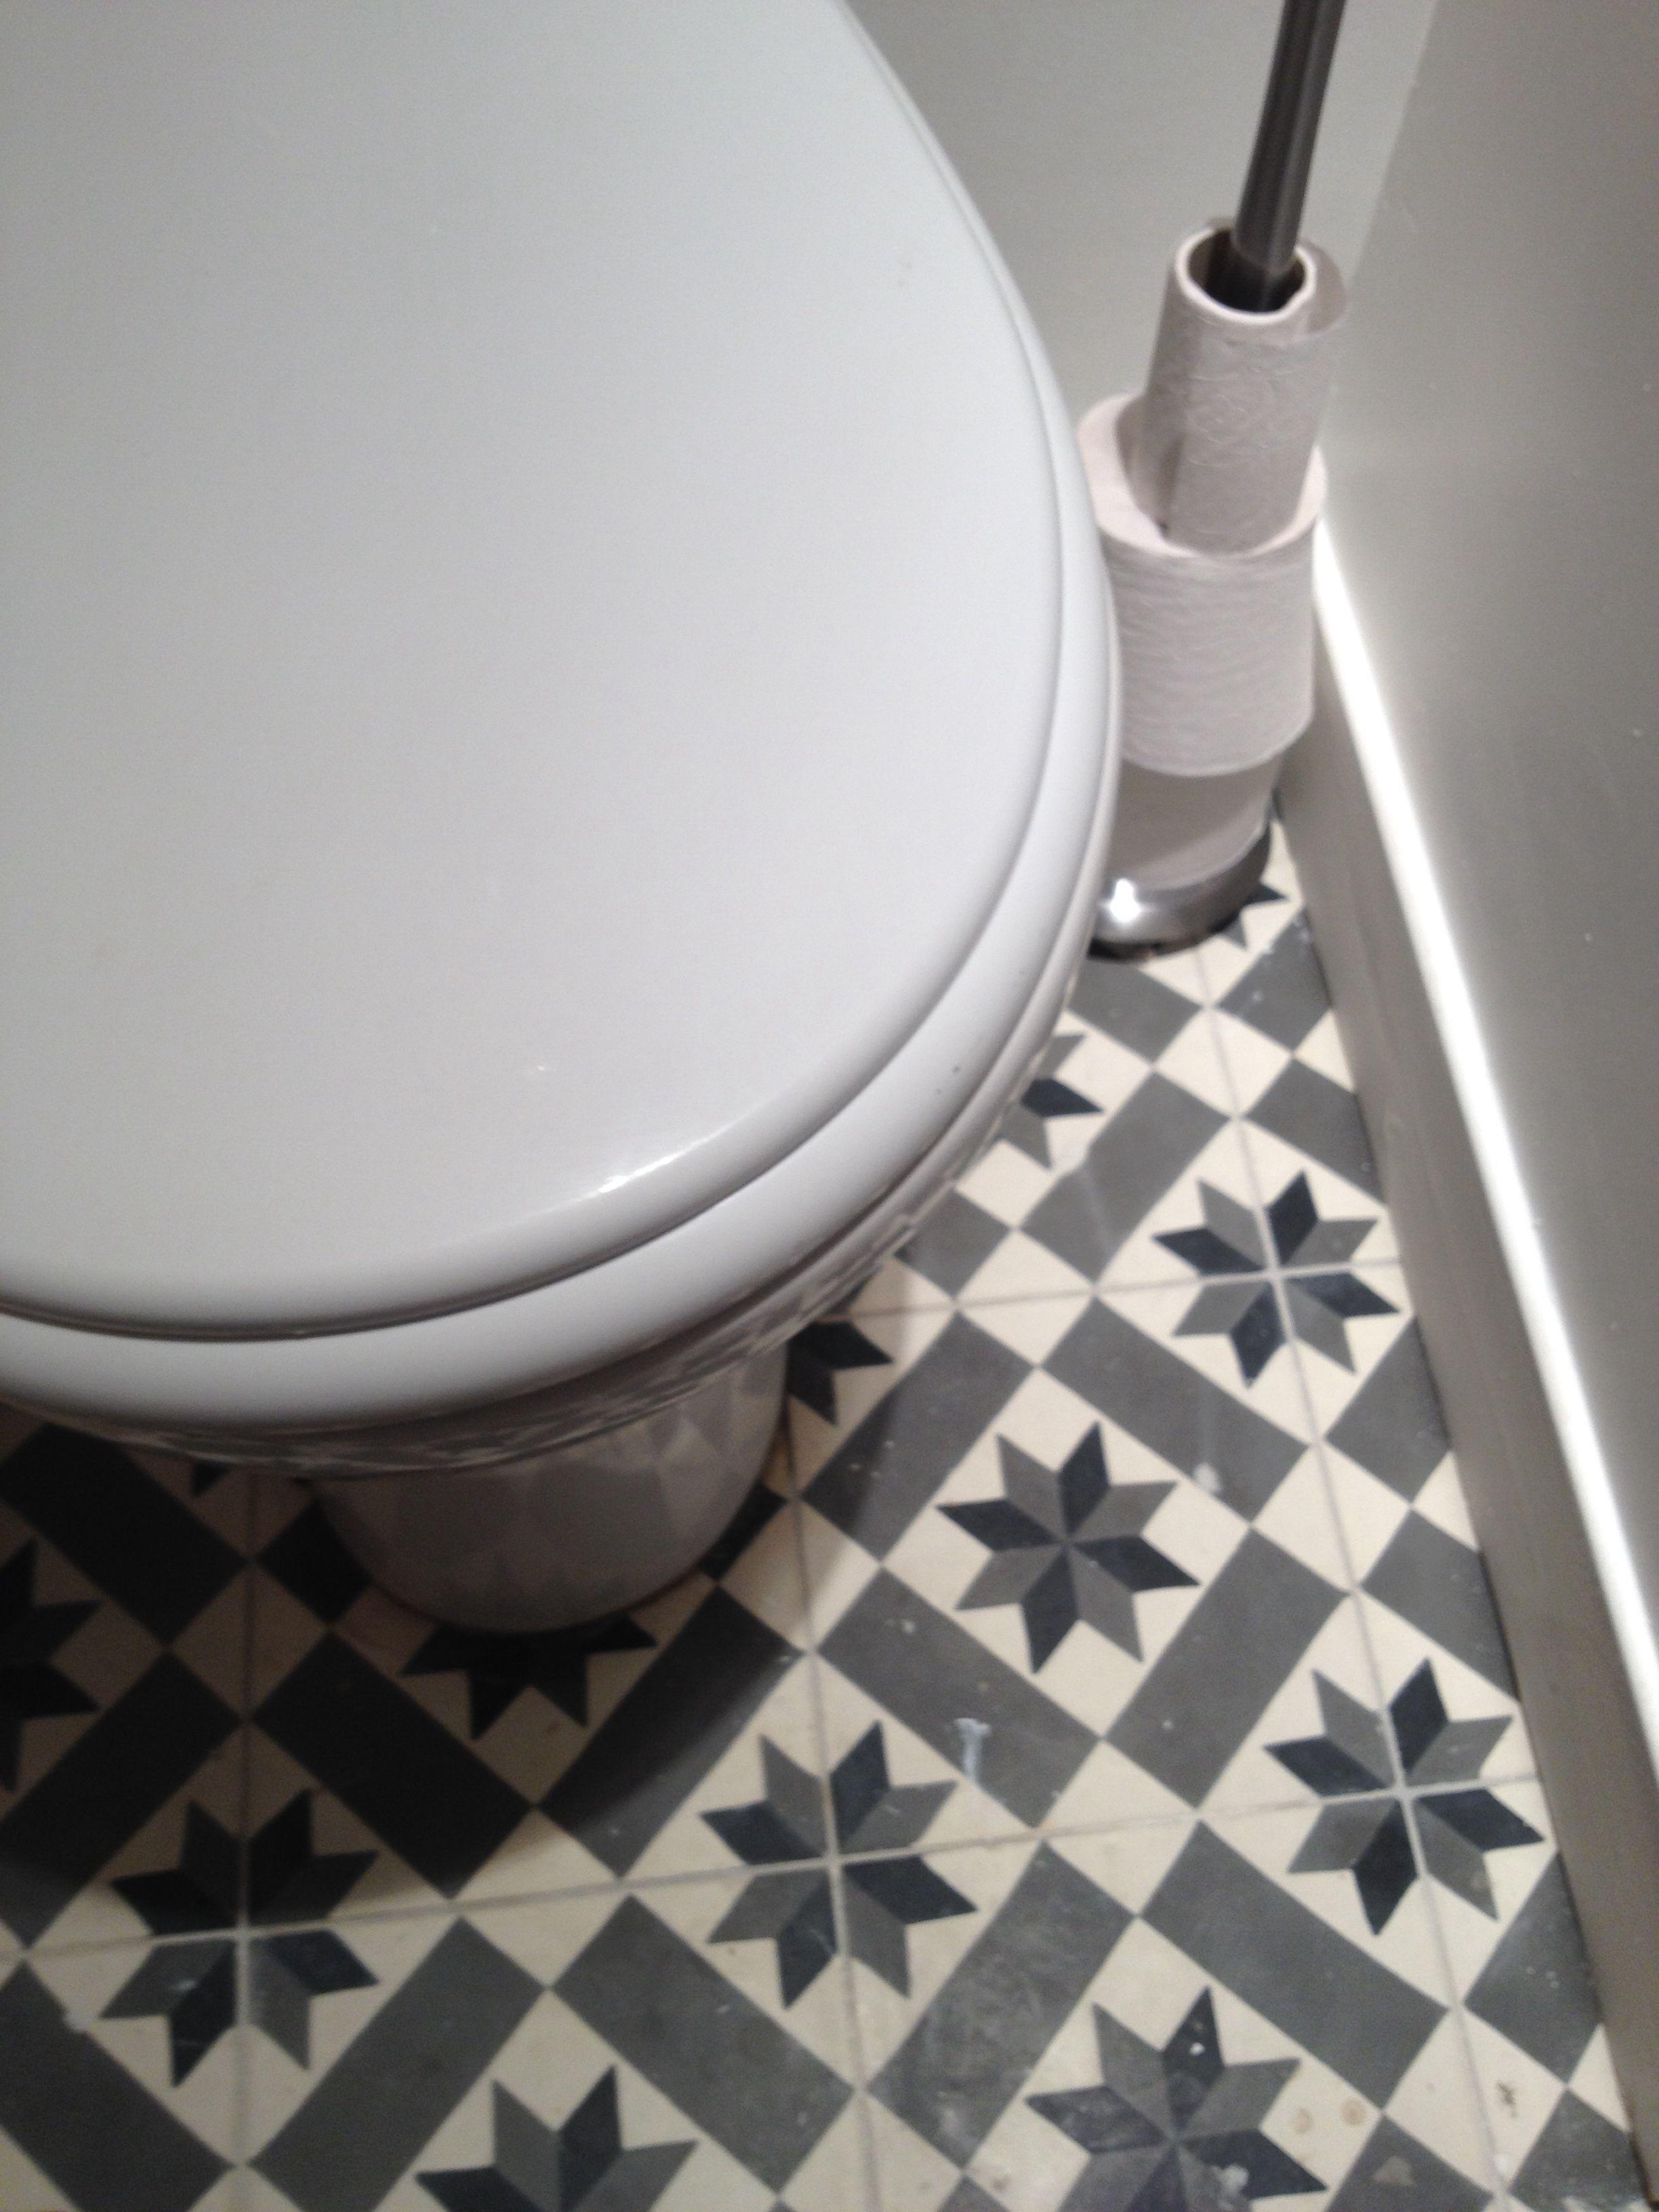 wc carreaux ciment elegant tapis vinyl carreaux de ciment awesome realisation personnelle wc. Black Bedroom Furniture Sets. Home Design Ideas